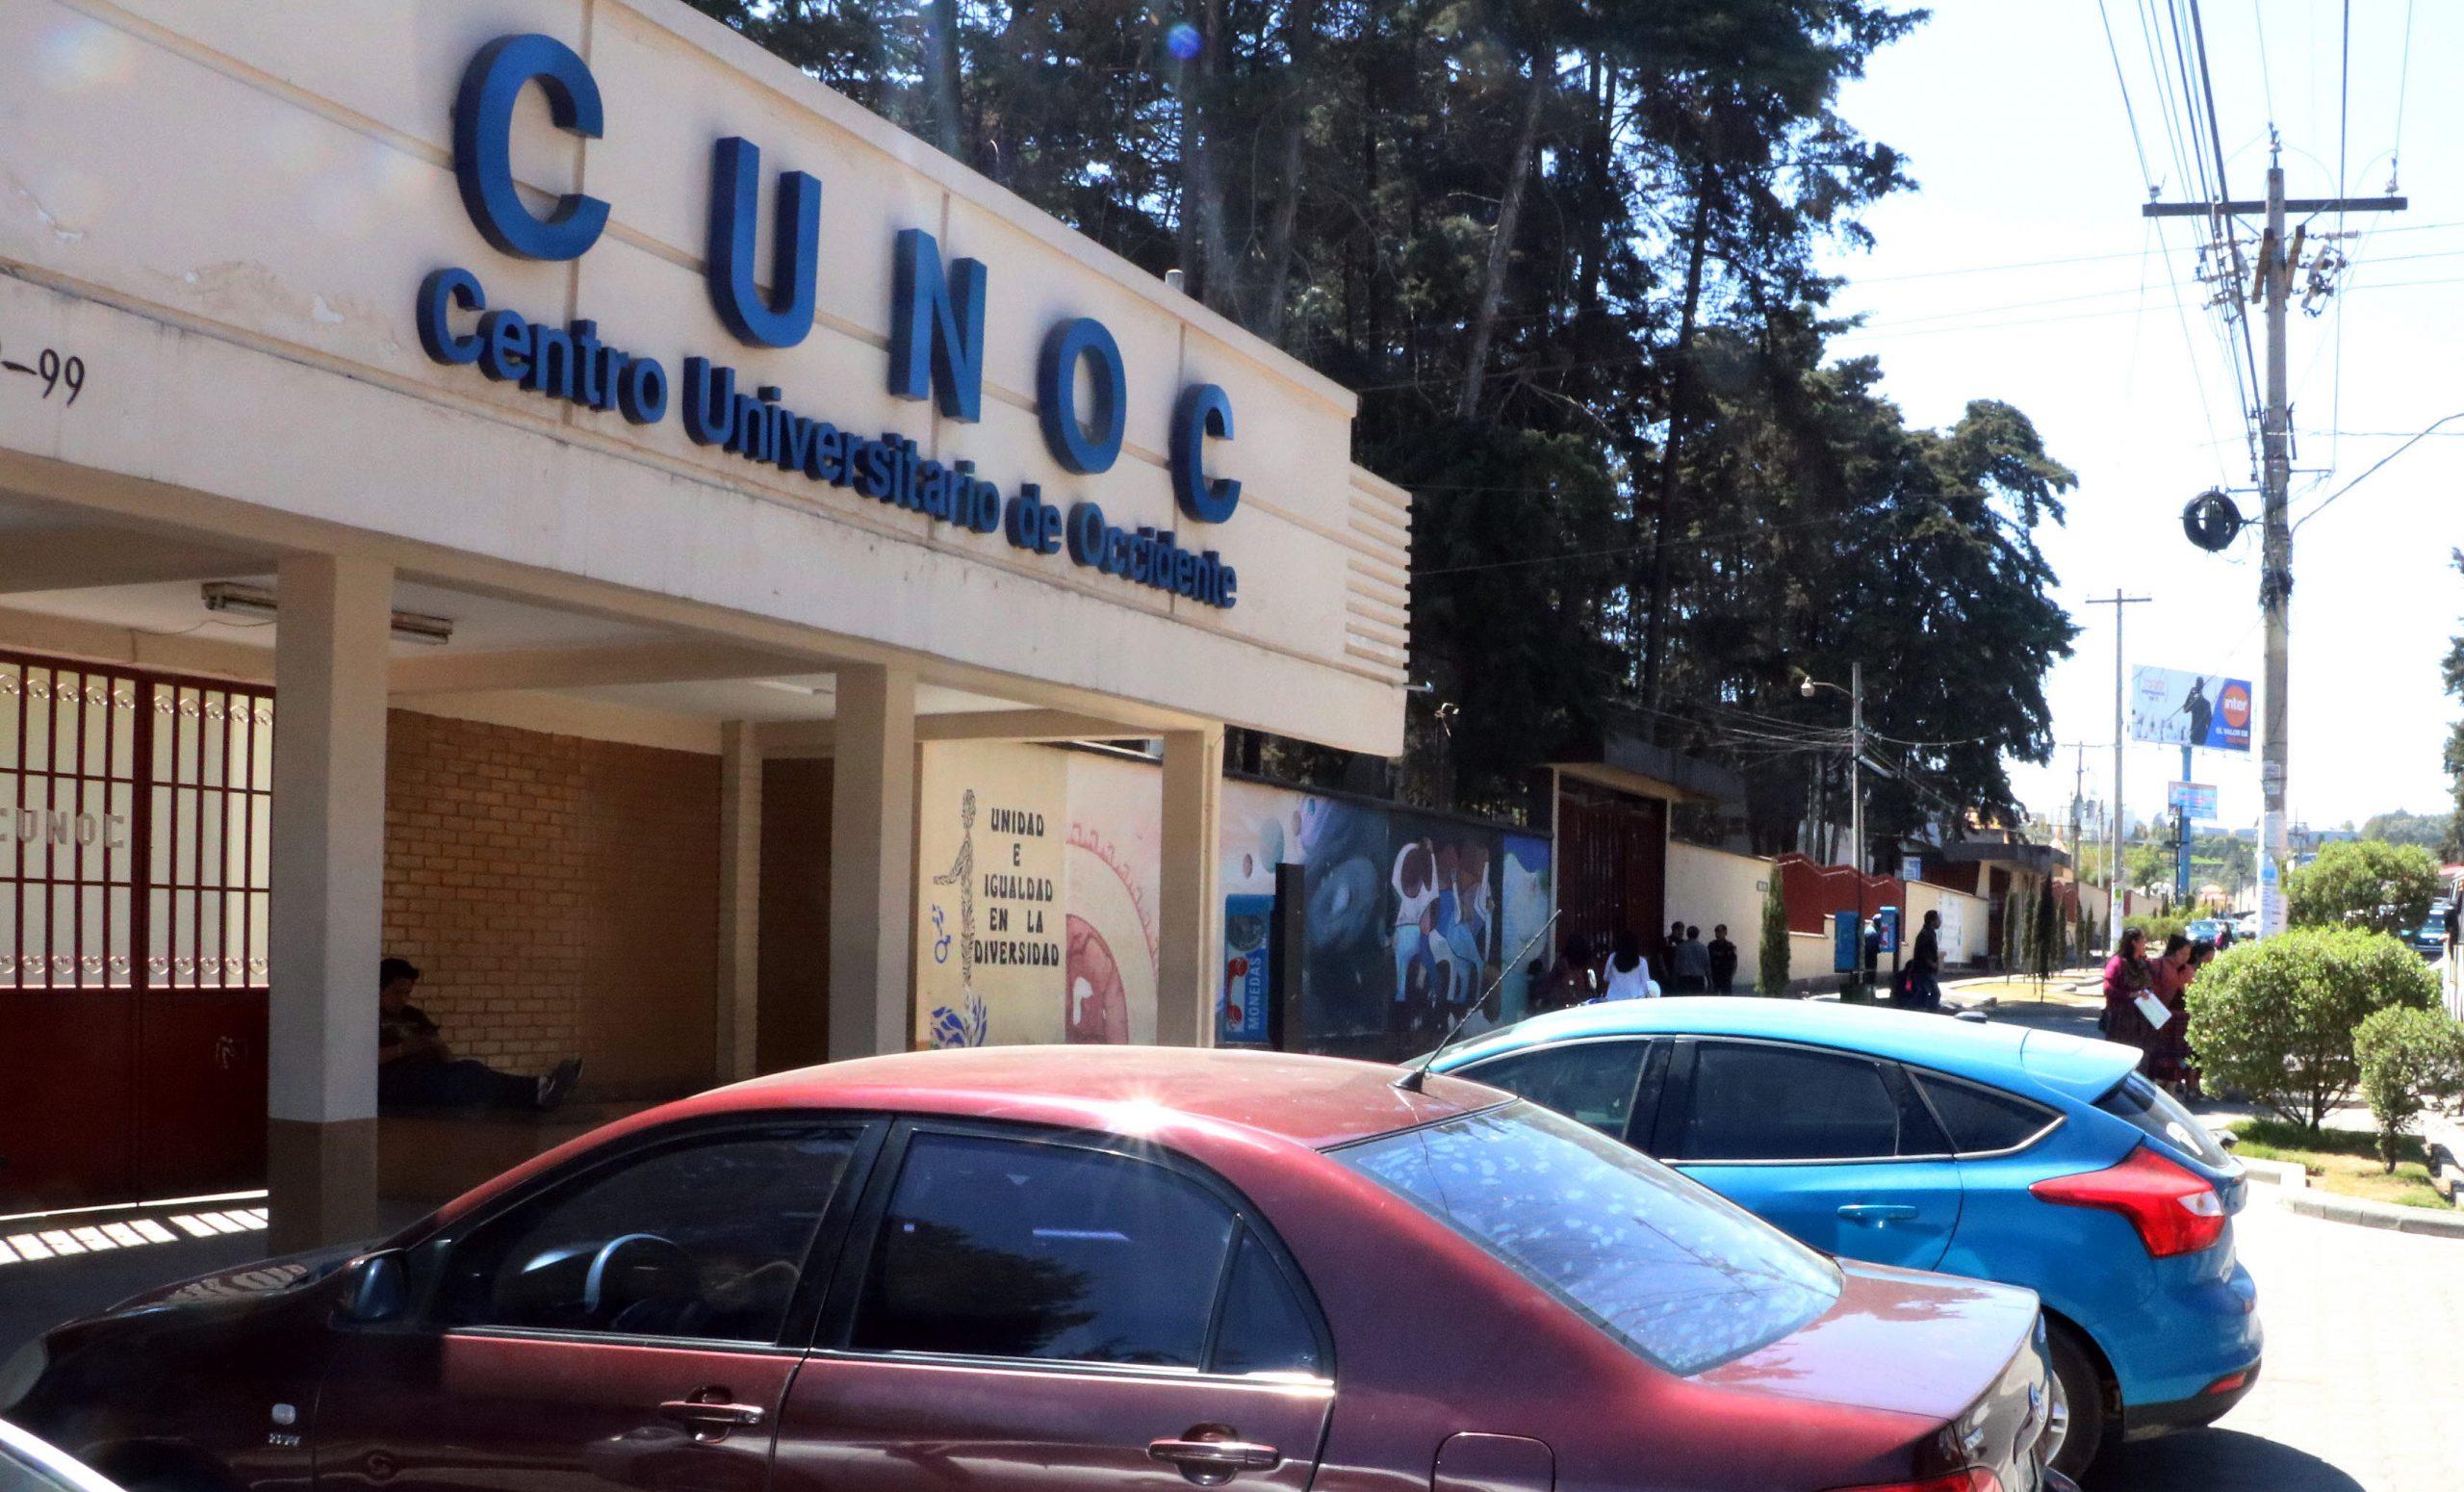 Estudiantes del CUNOC denunciaron la falta de equipo en la institución pra realizar exámentes privados y actos de graduación de forma virtual. (Foto: Carlos Ventura)